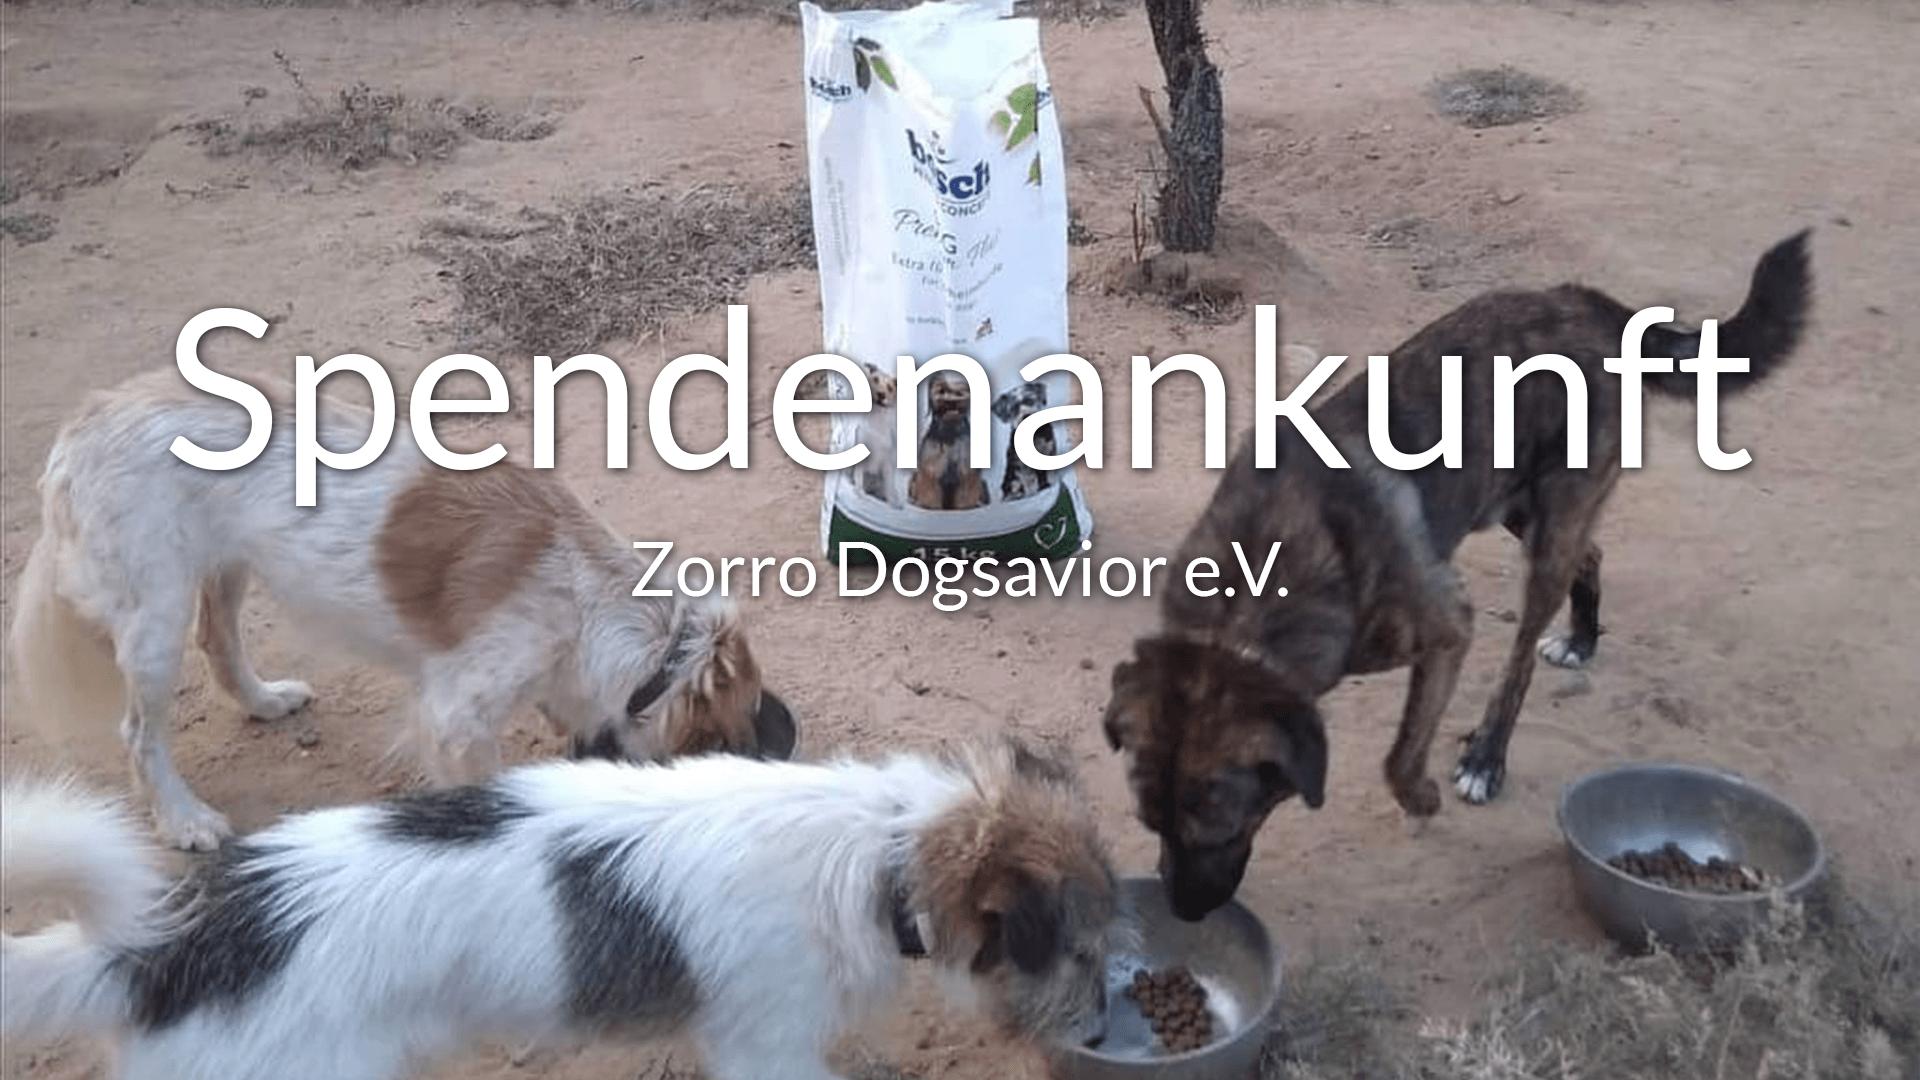 Thumbnail-Zorro-Dogsavior-e.V.-Futterspendenankunft-September-2019-Sommerloch-Griechenland-VIDEO1